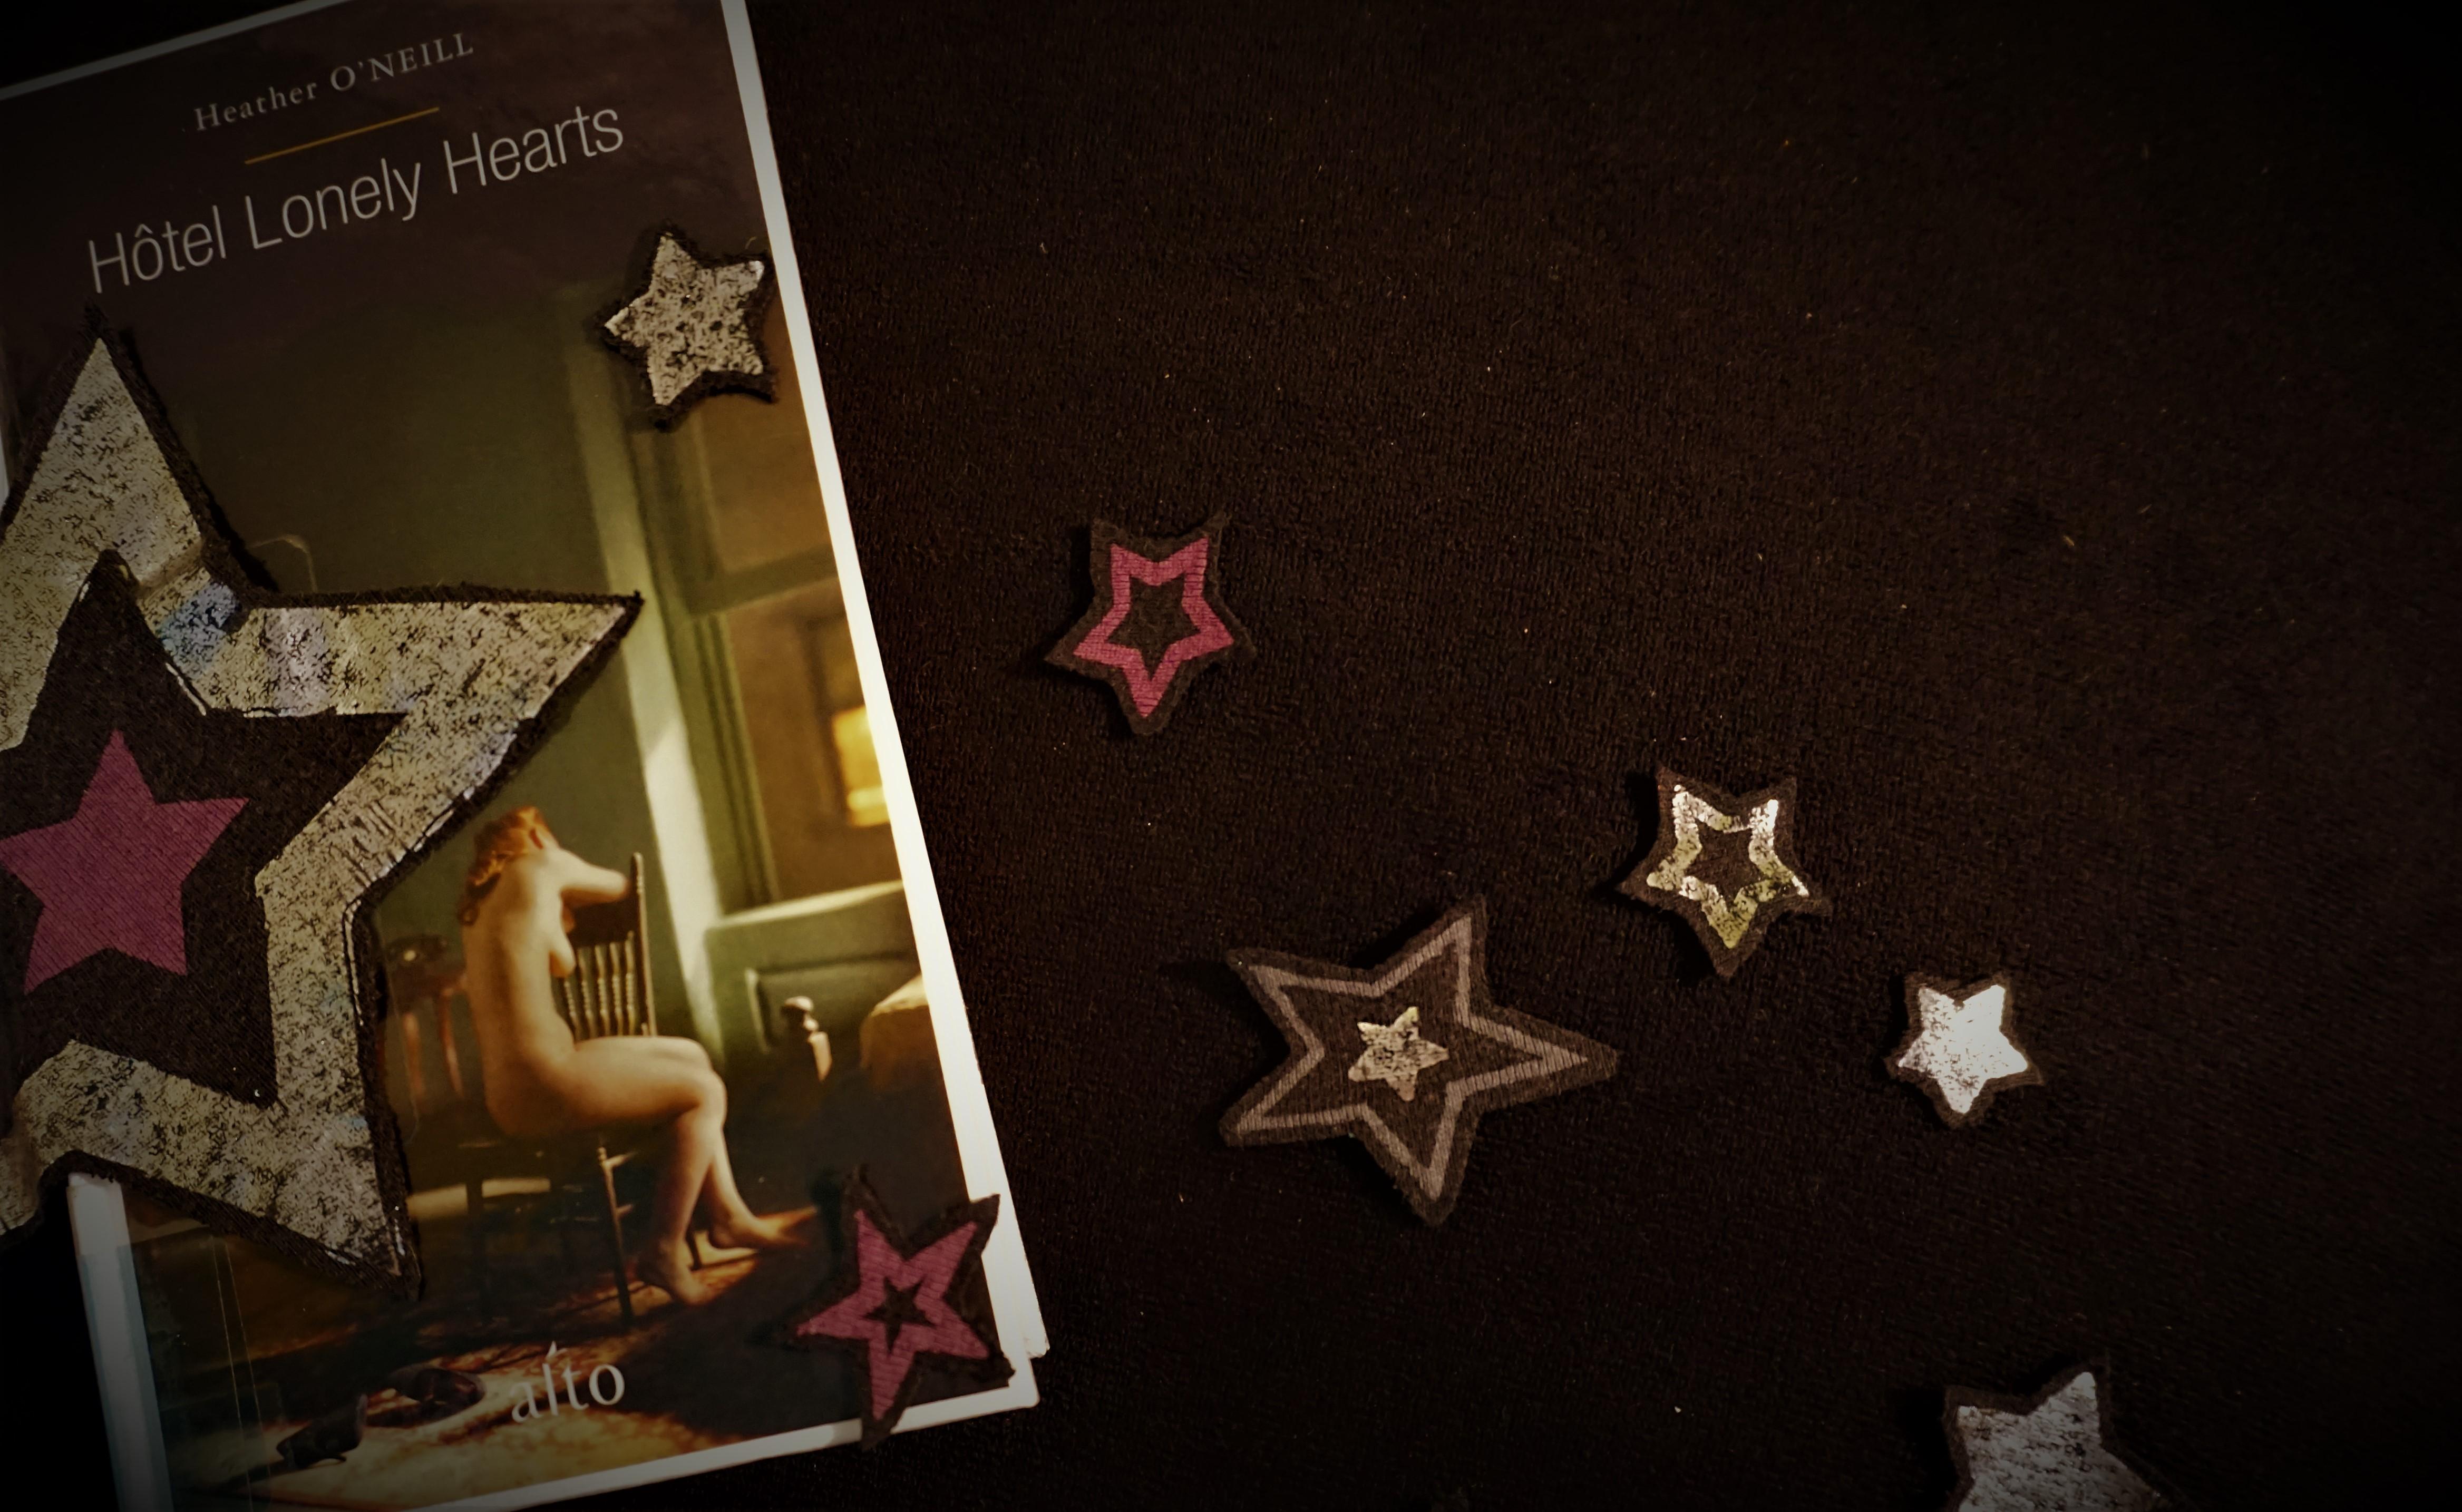 Hôtel Lonely Hearts Heather O'Neill Alto roman amour cirque pauvreté spectacle historique Montréal littérature Le fil rouge réflexions littéraires